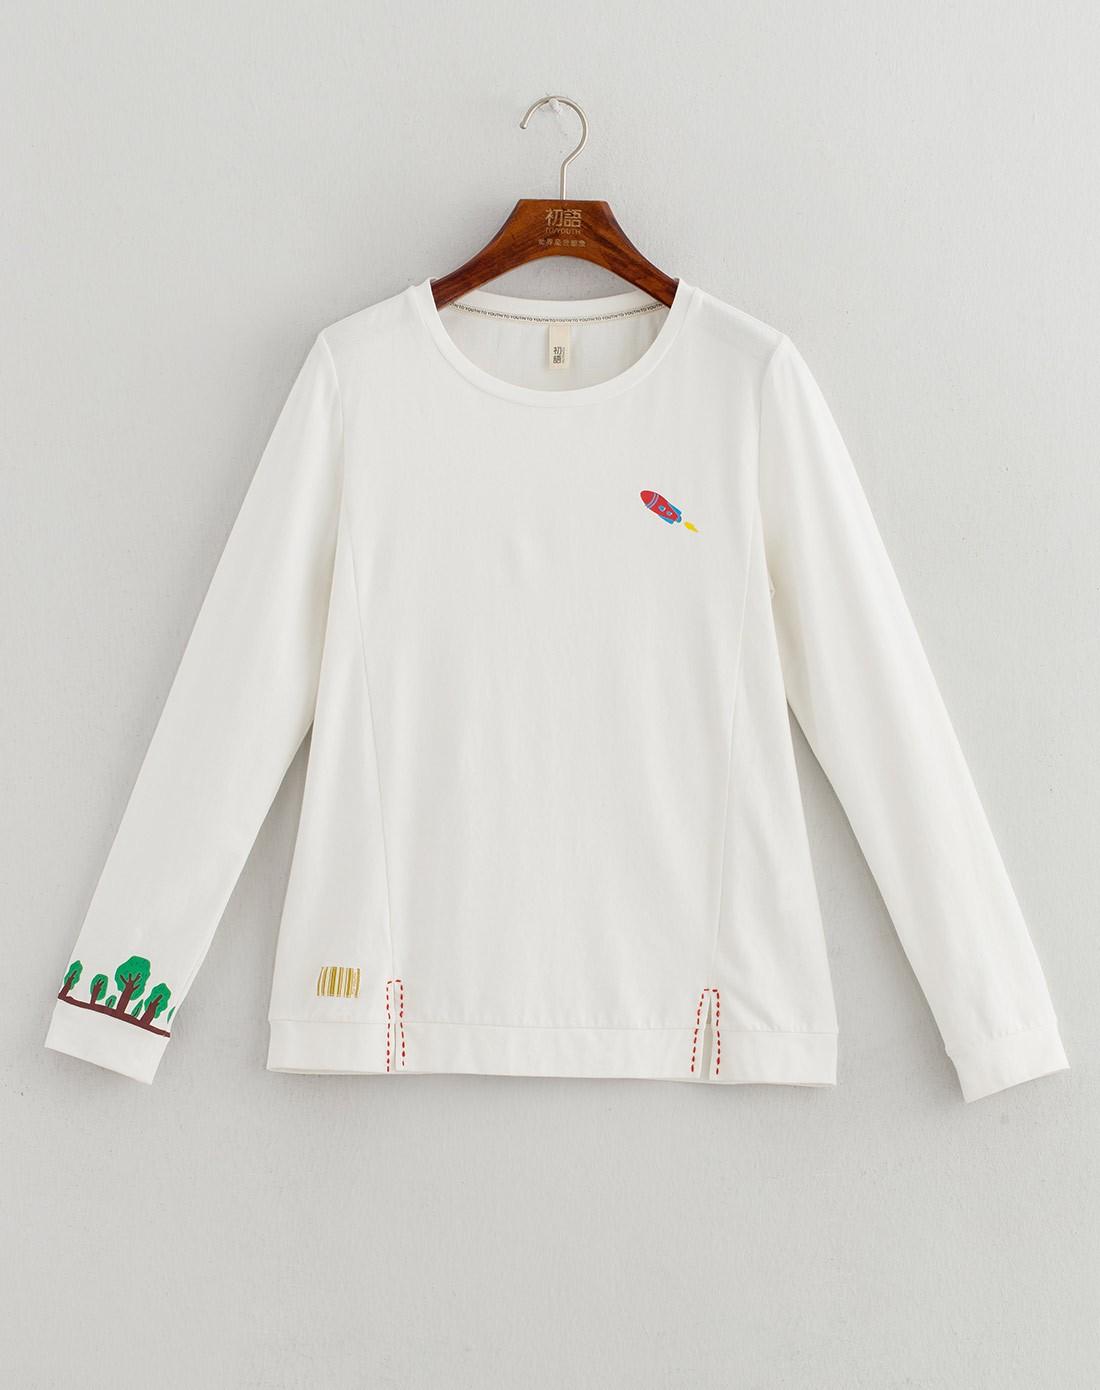 白色袖口可爱印花长袖t恤